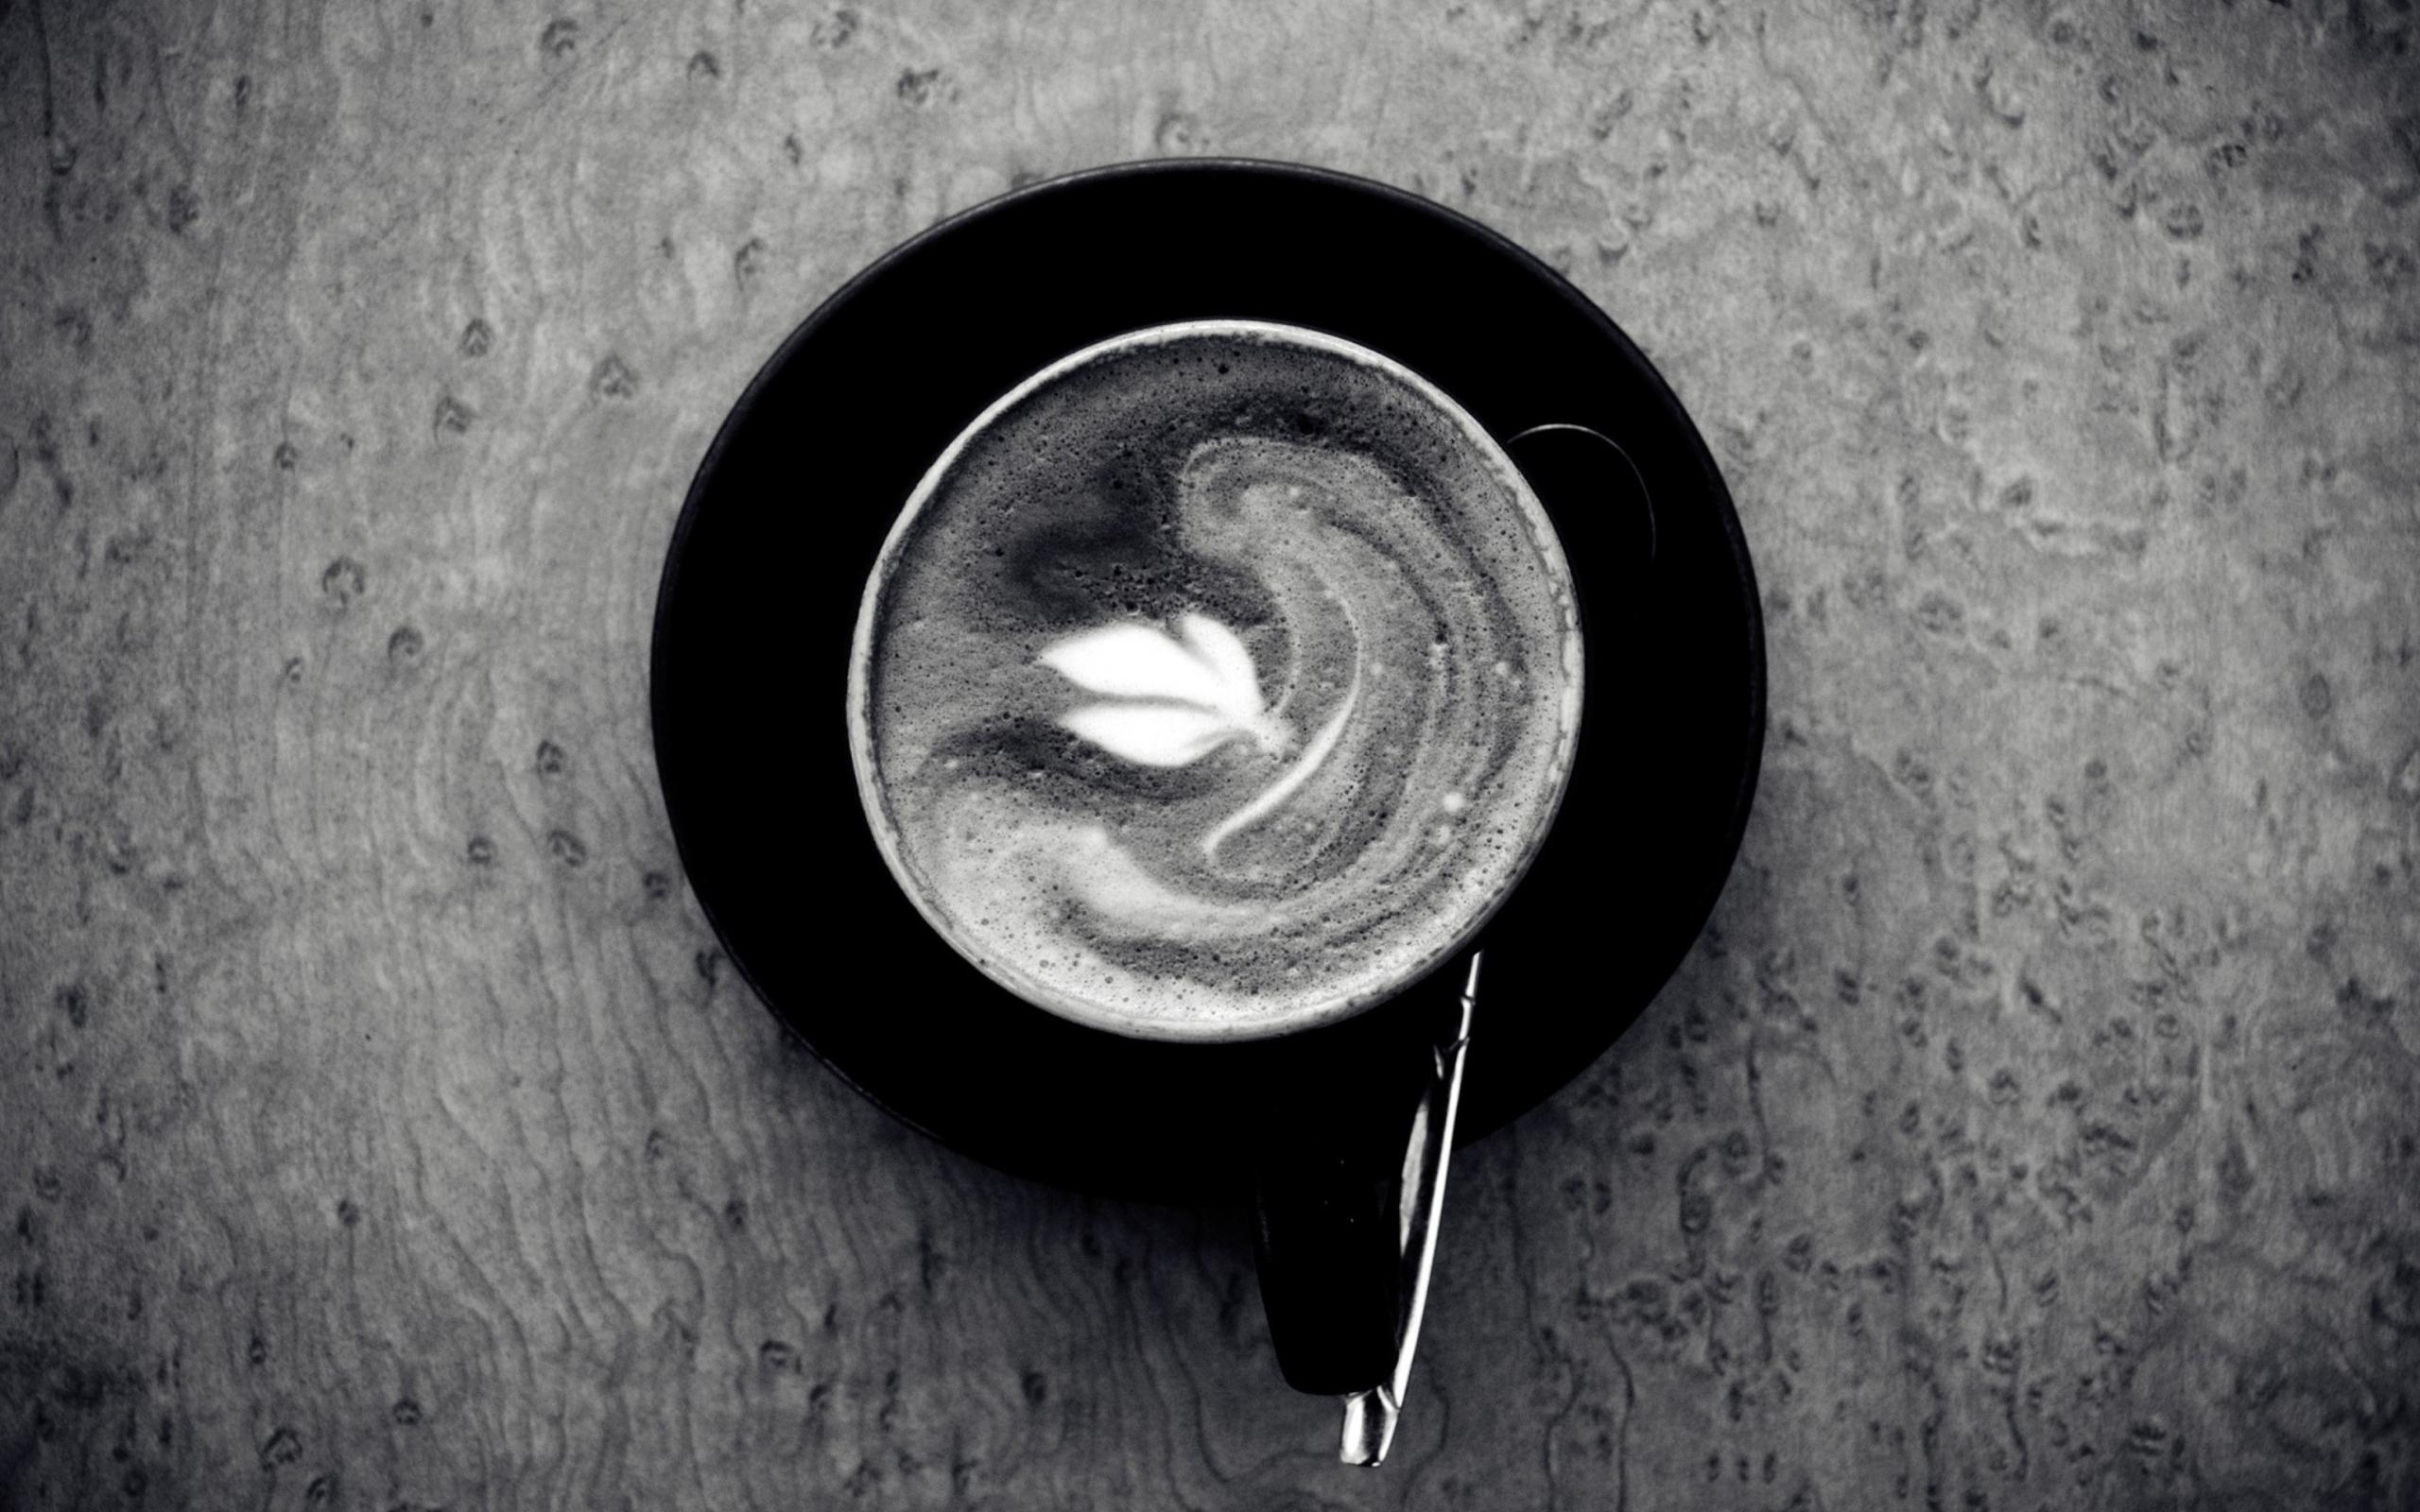 кофе мышь компьютерная чашка черная  № 2175162 без смс